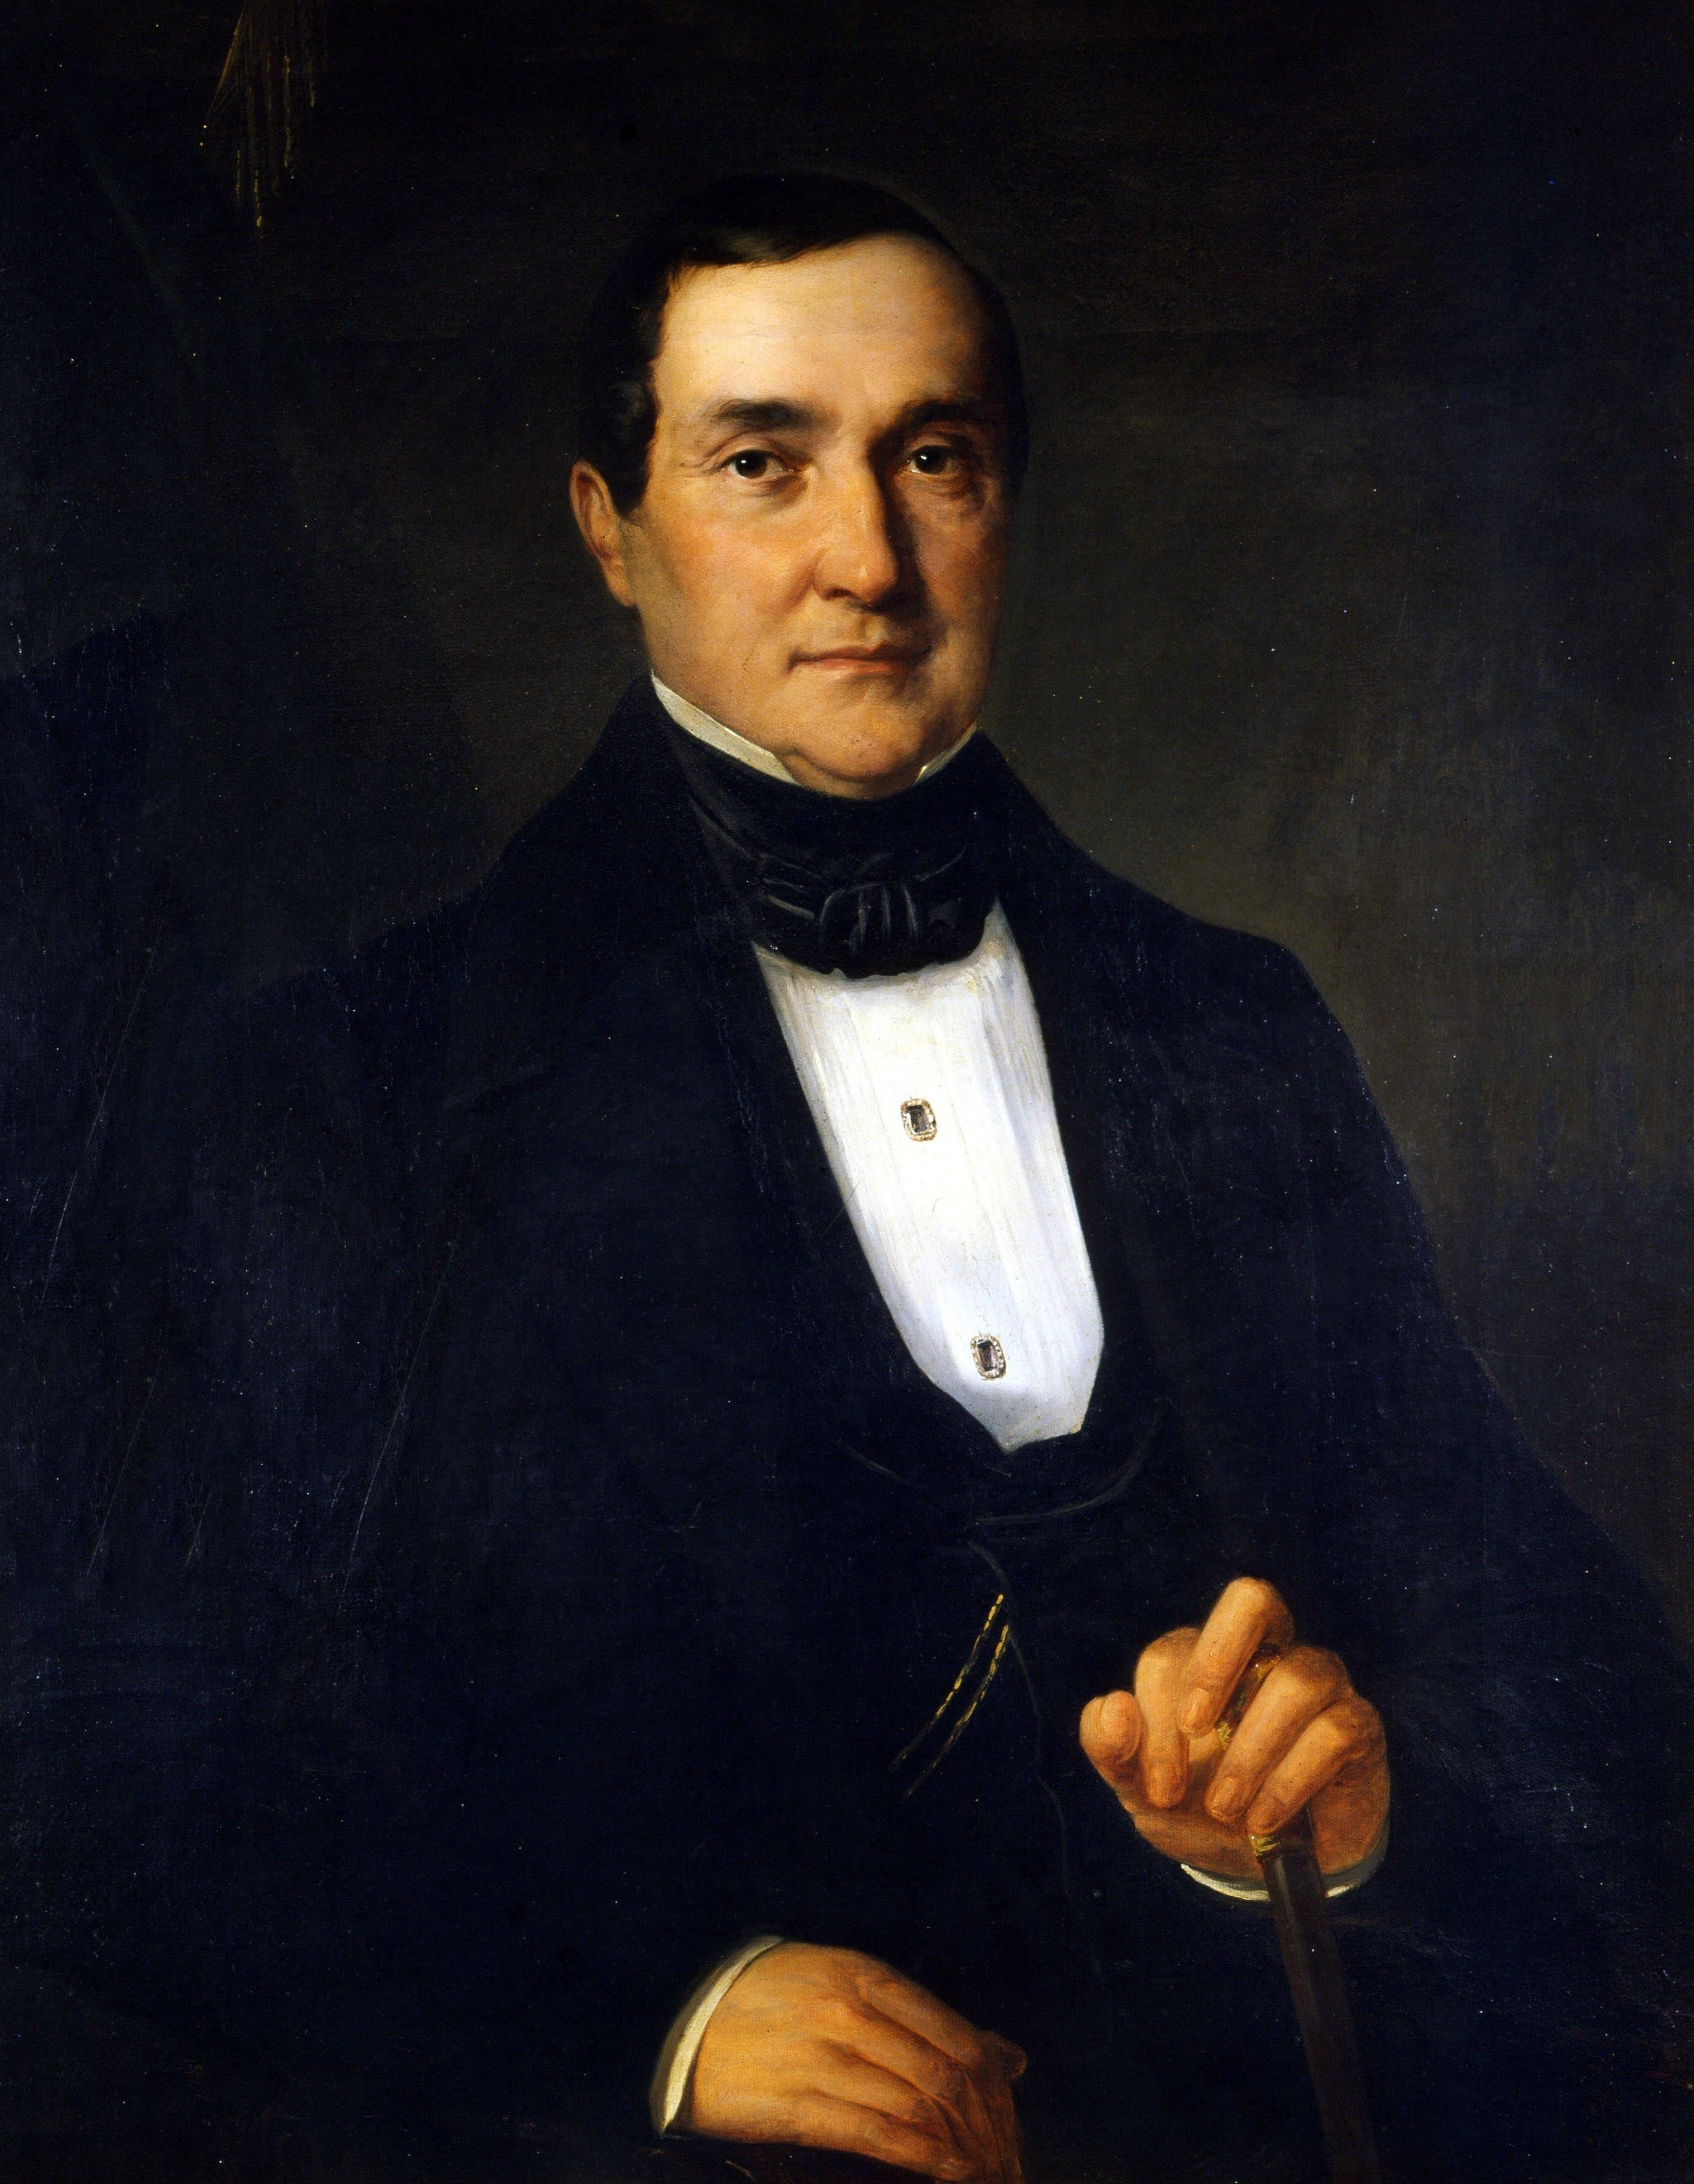 Bartolomeo Merelli Italian impresario and librettist